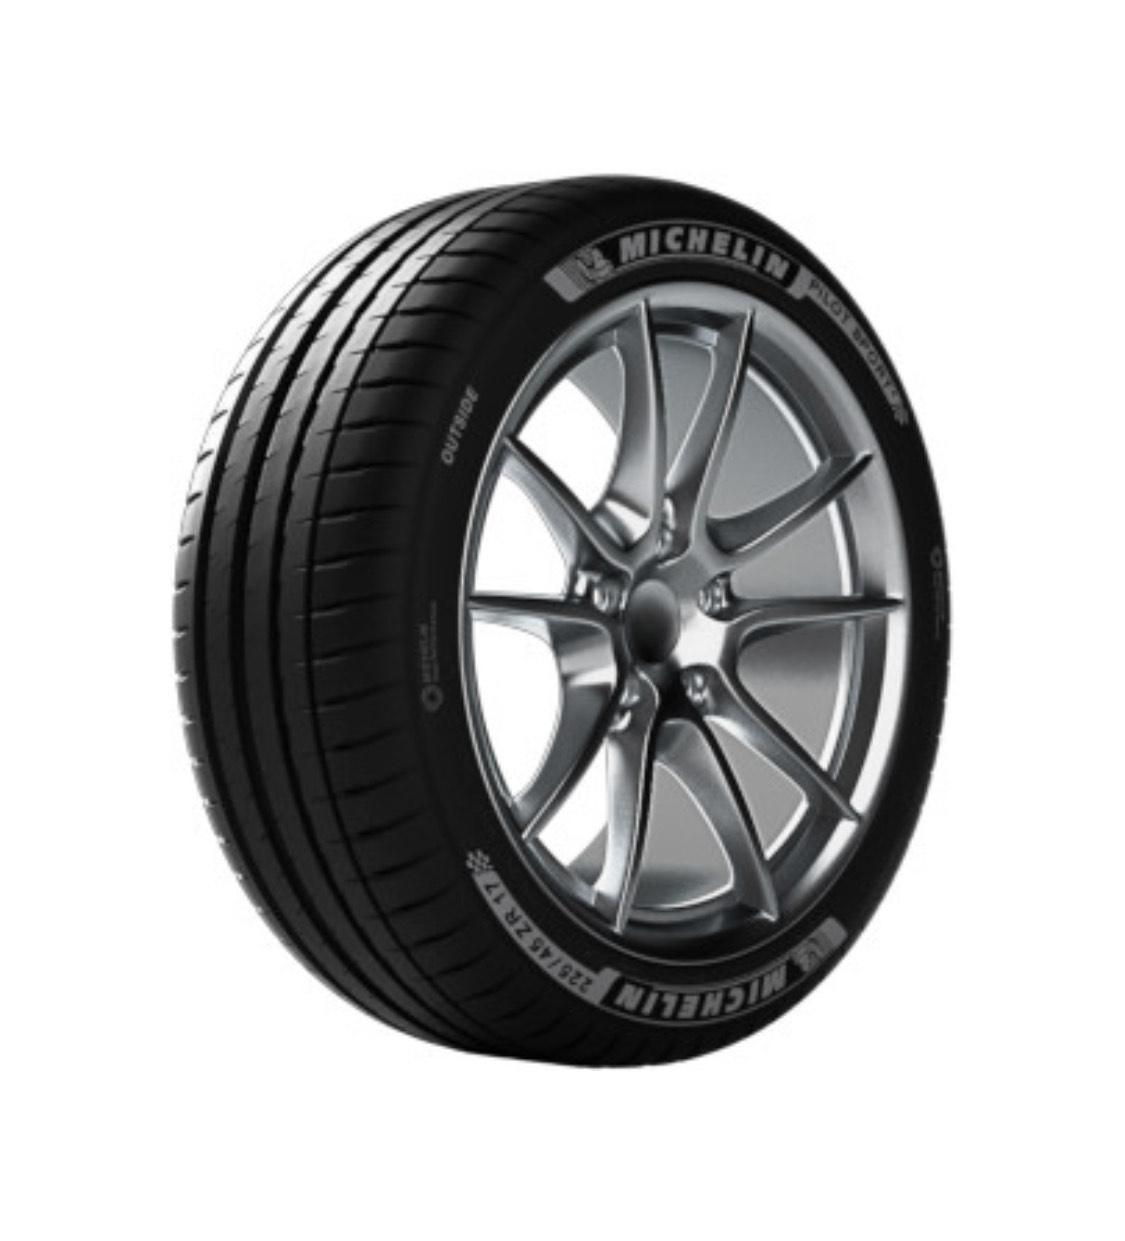 Michelin Pilot Sport 4 - 225/40 R18 92Y